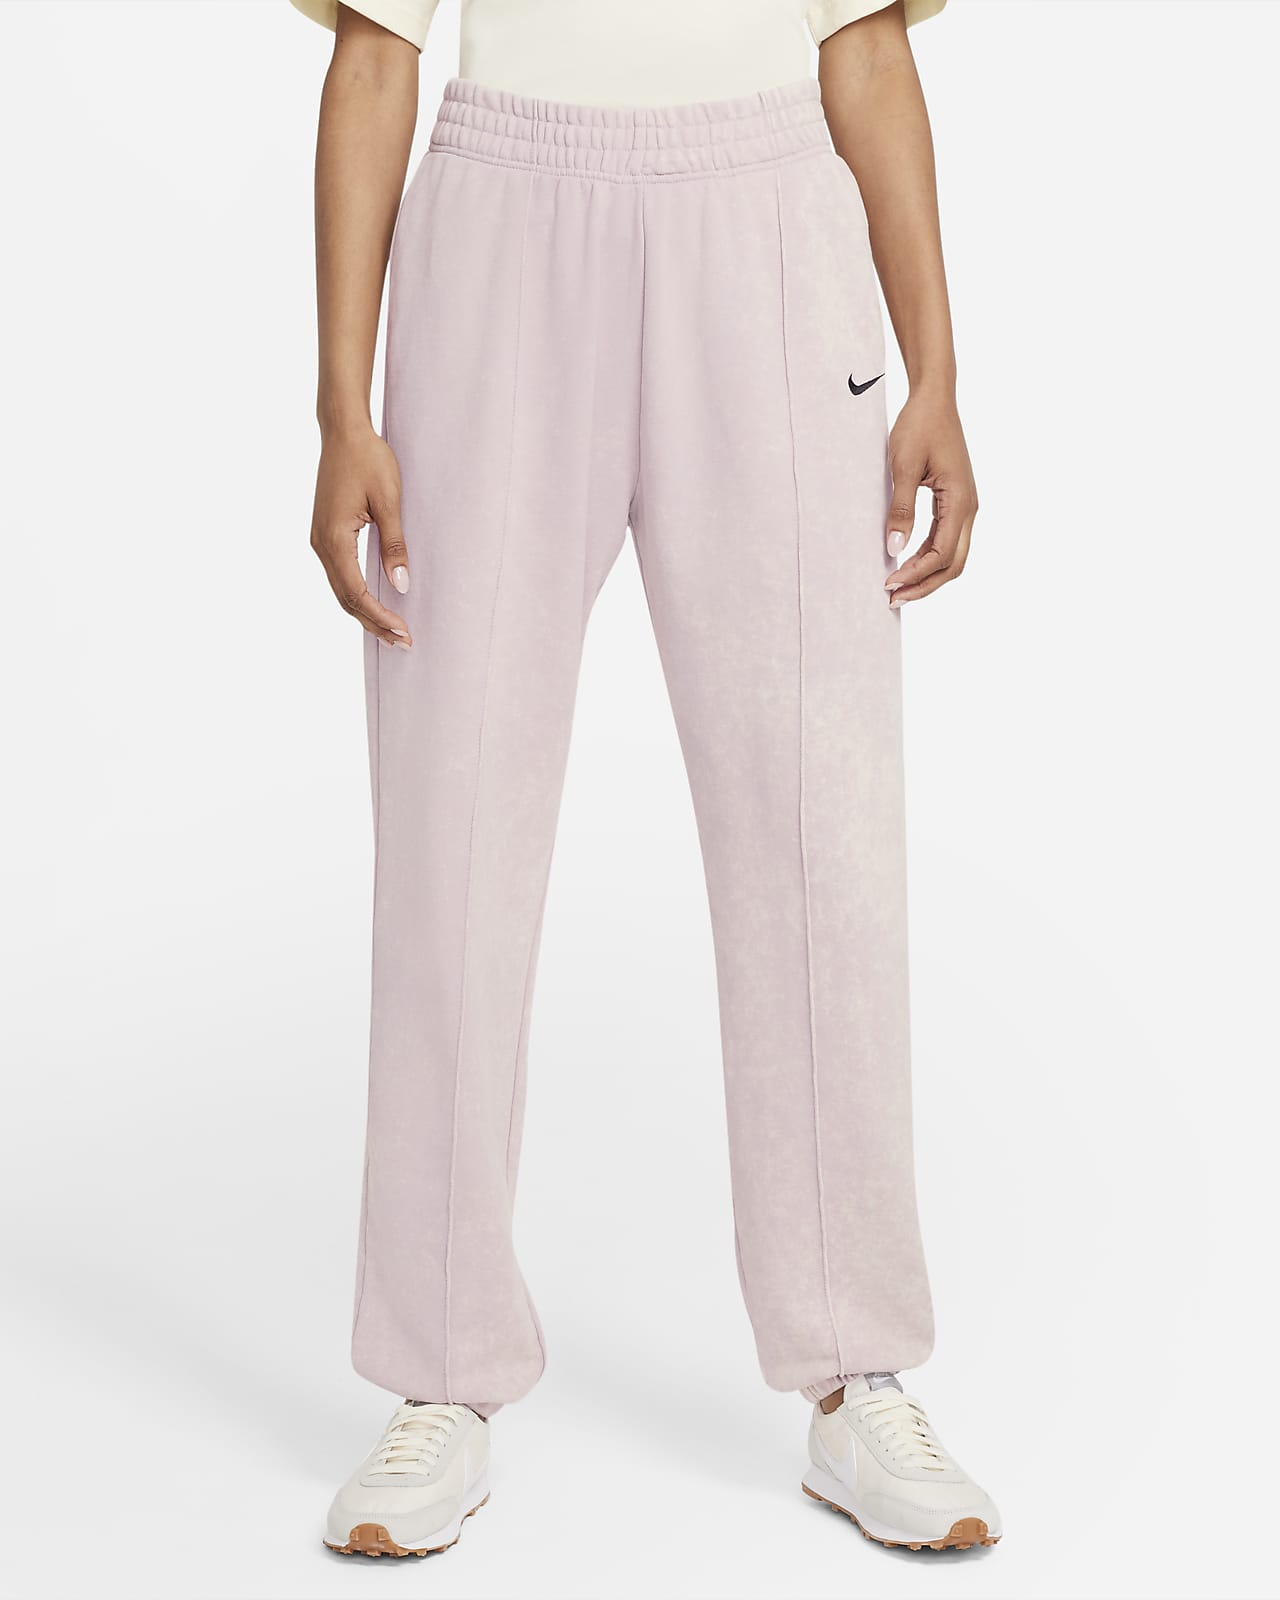 Nike Sportswear Essential Collection Women's Fleece Pants